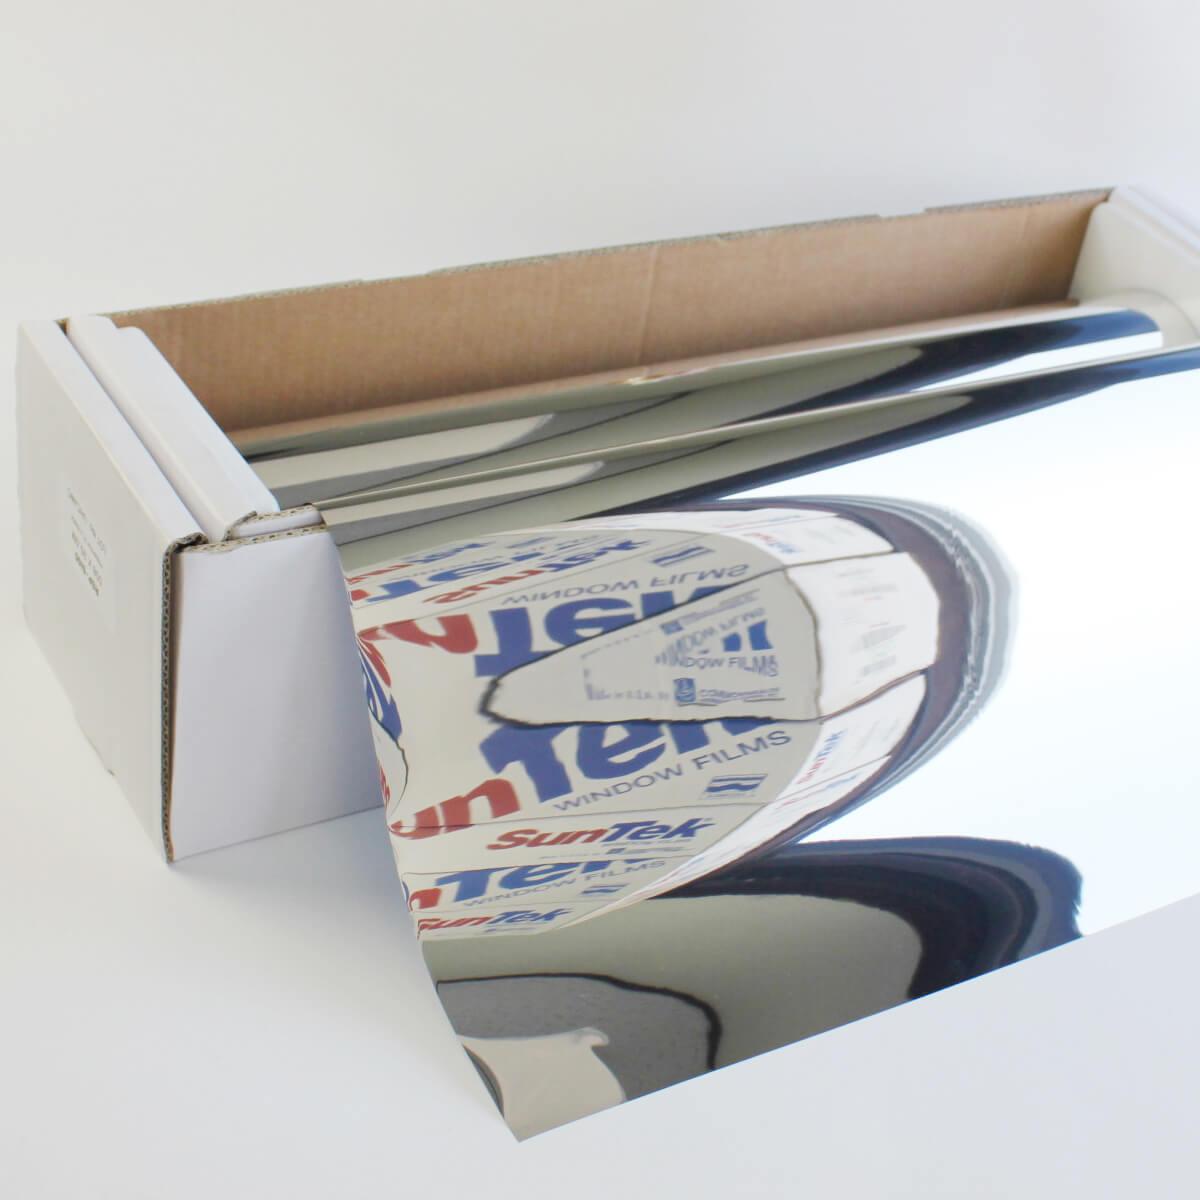 ウィンドウフィルム 窓ガラスフィルムスパッタシルバー05 50cm幅×30mロール箱売 マジックミラーフィルム 遮熱フィルム 断熱フィルム UVカットフィルム ブレインテック Braintec